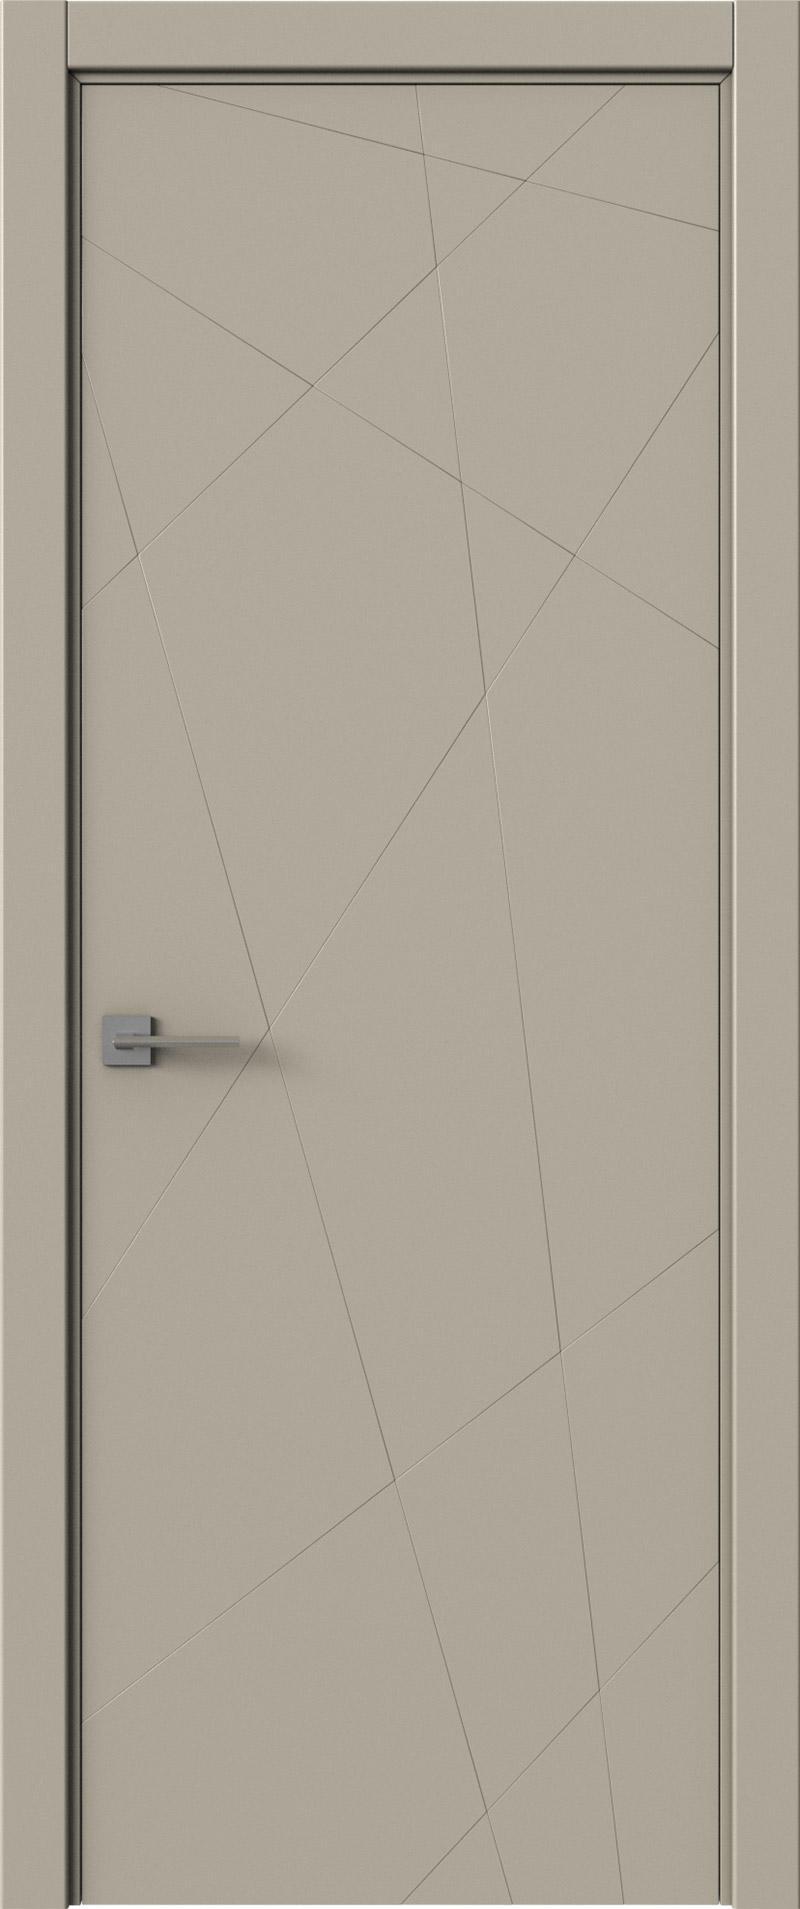 Tivoli В-5 цвет - Серо-оливковая эмаль (RAL 7032) Без стекла (ДГ)